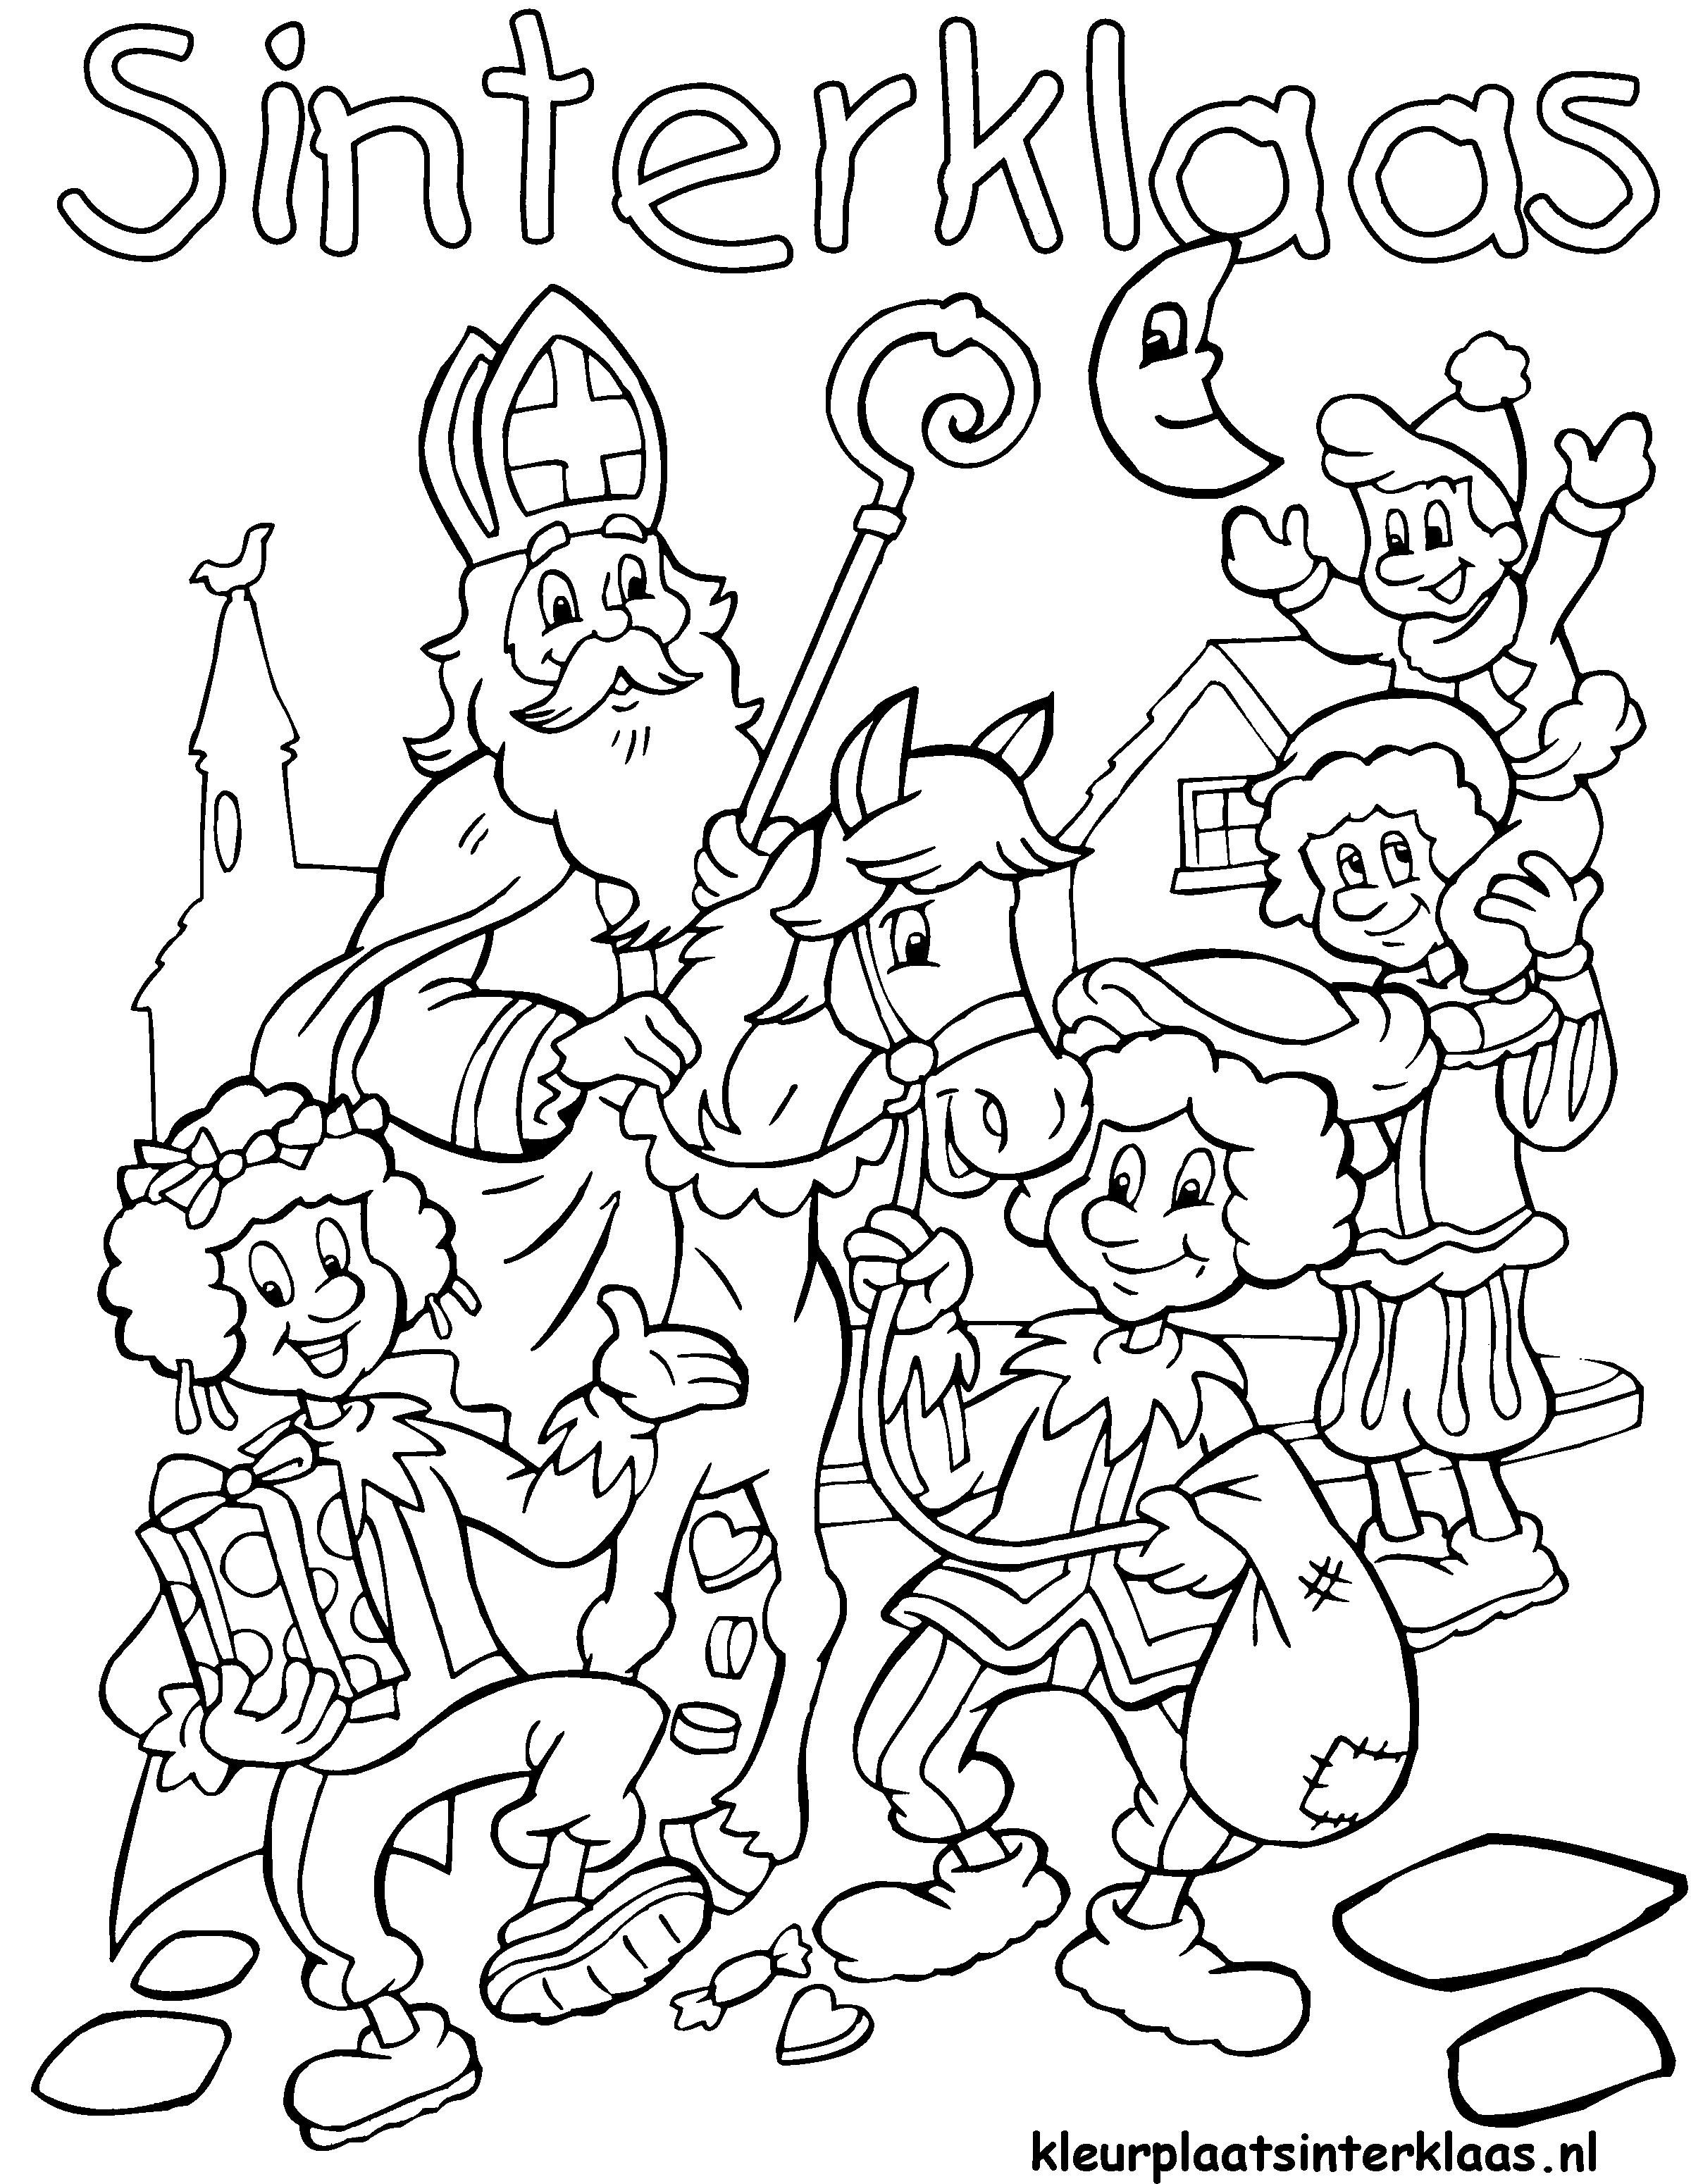 Sinterklaas Kleurplaten Bovenbouw Ben Je Al Helemaal Klaar Voor De Intocht Van Sinterklaas